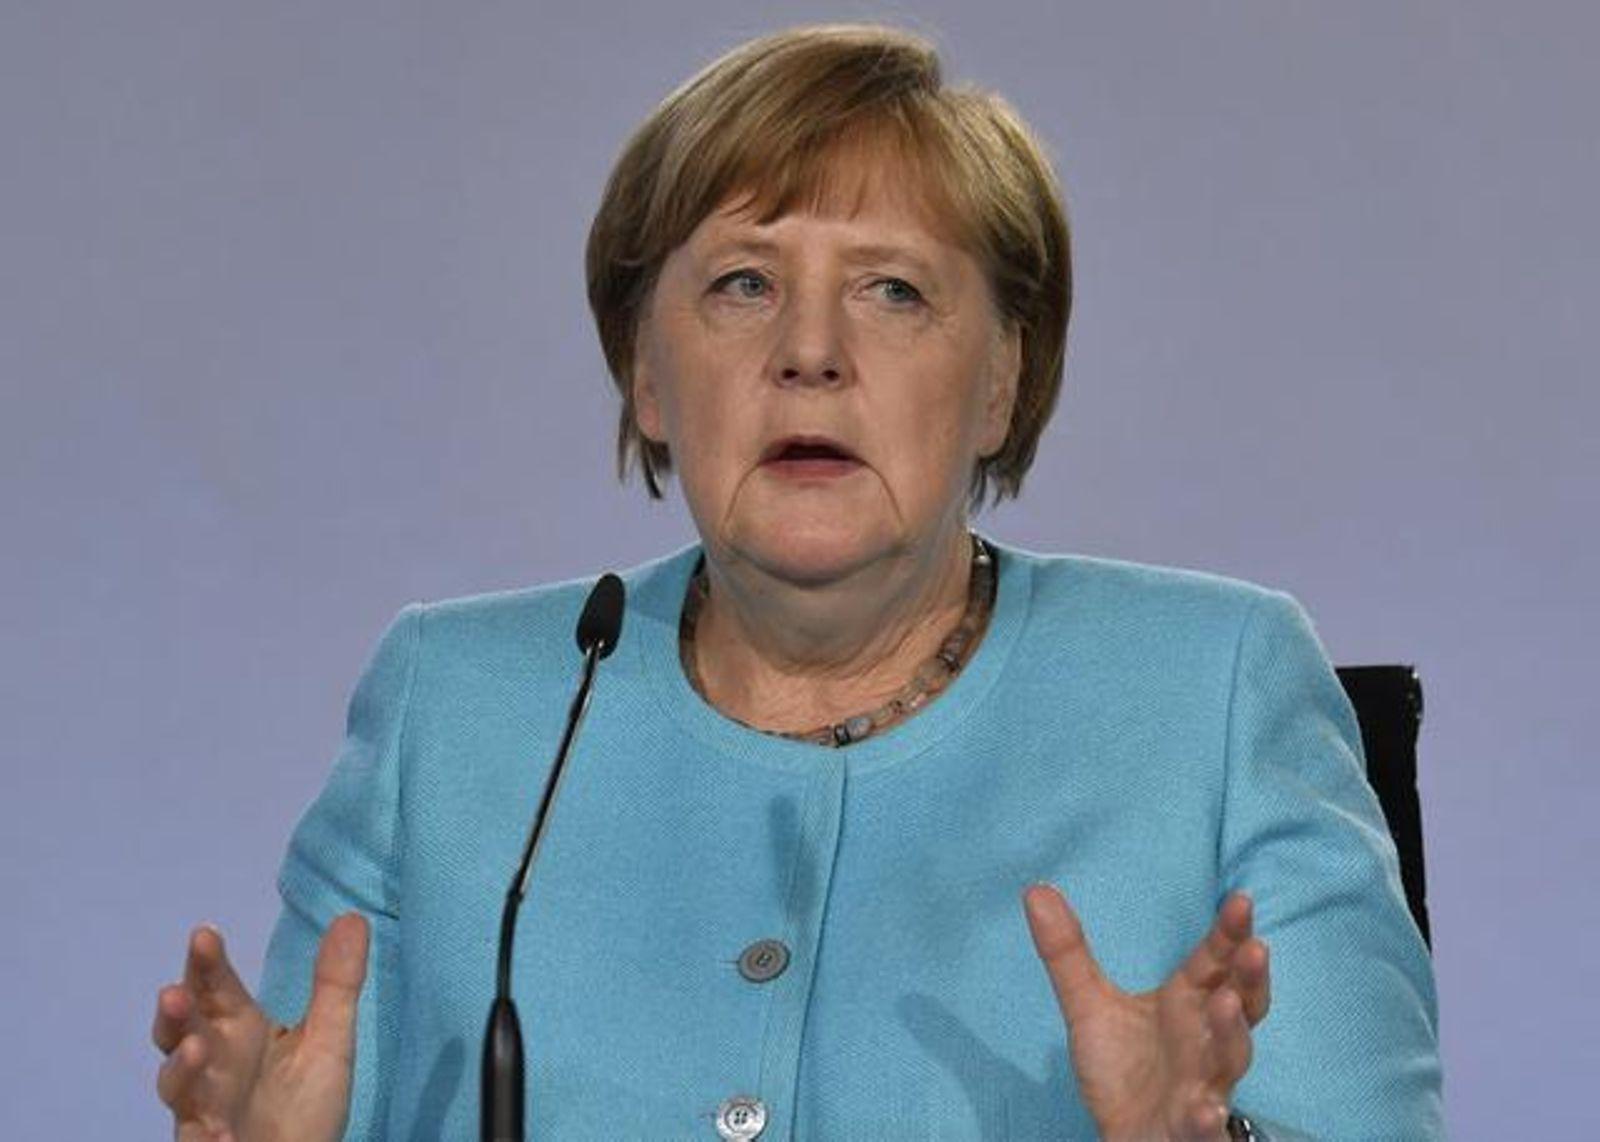 Le gouvernement allemand adopte un plan de relance économique de 130 milliards d'euros